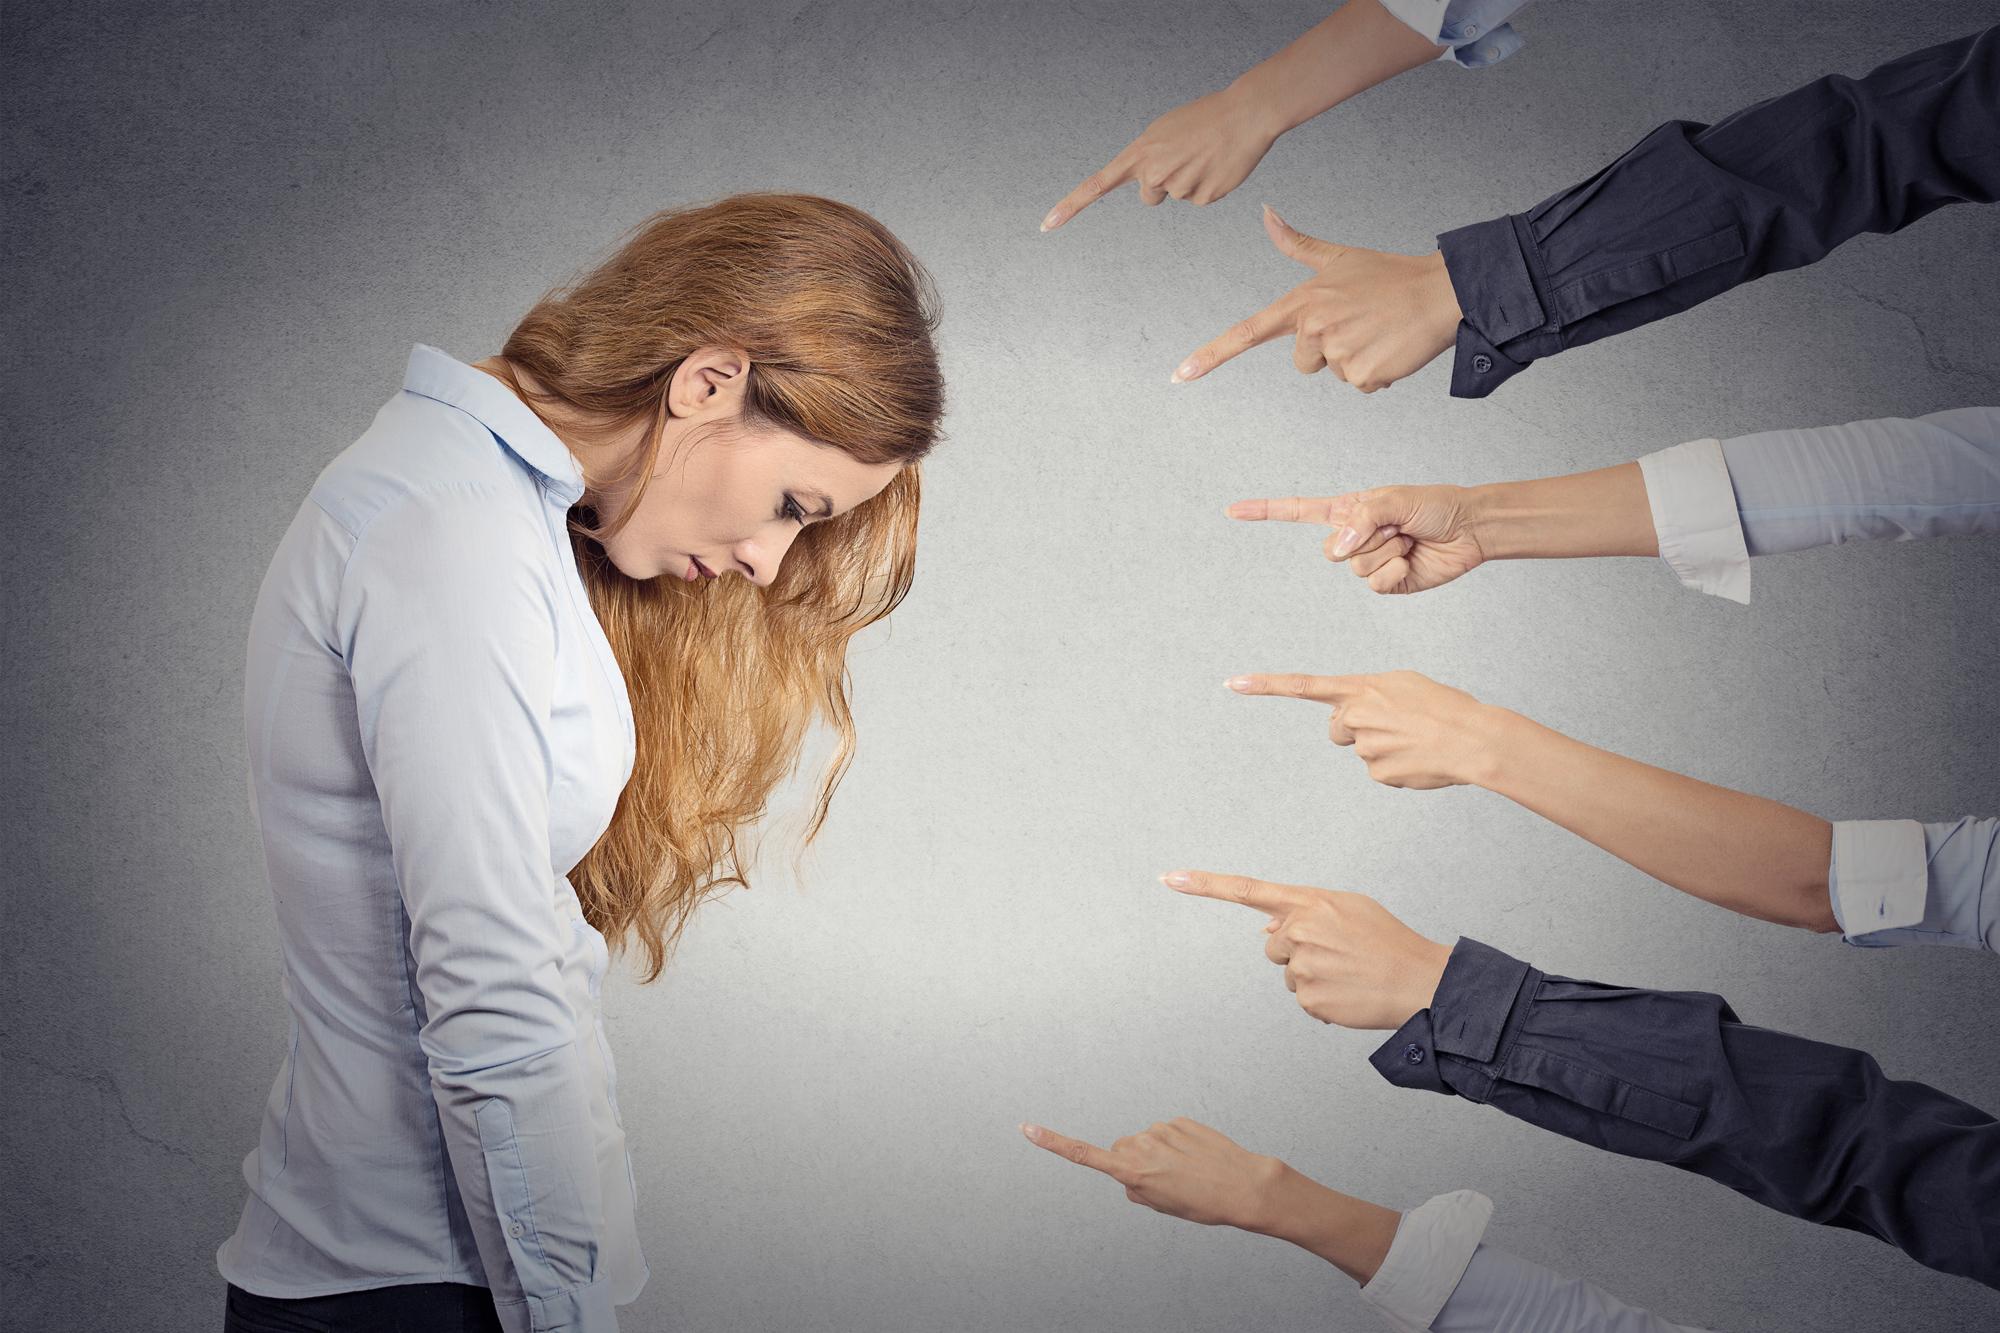 картинка про критикующих